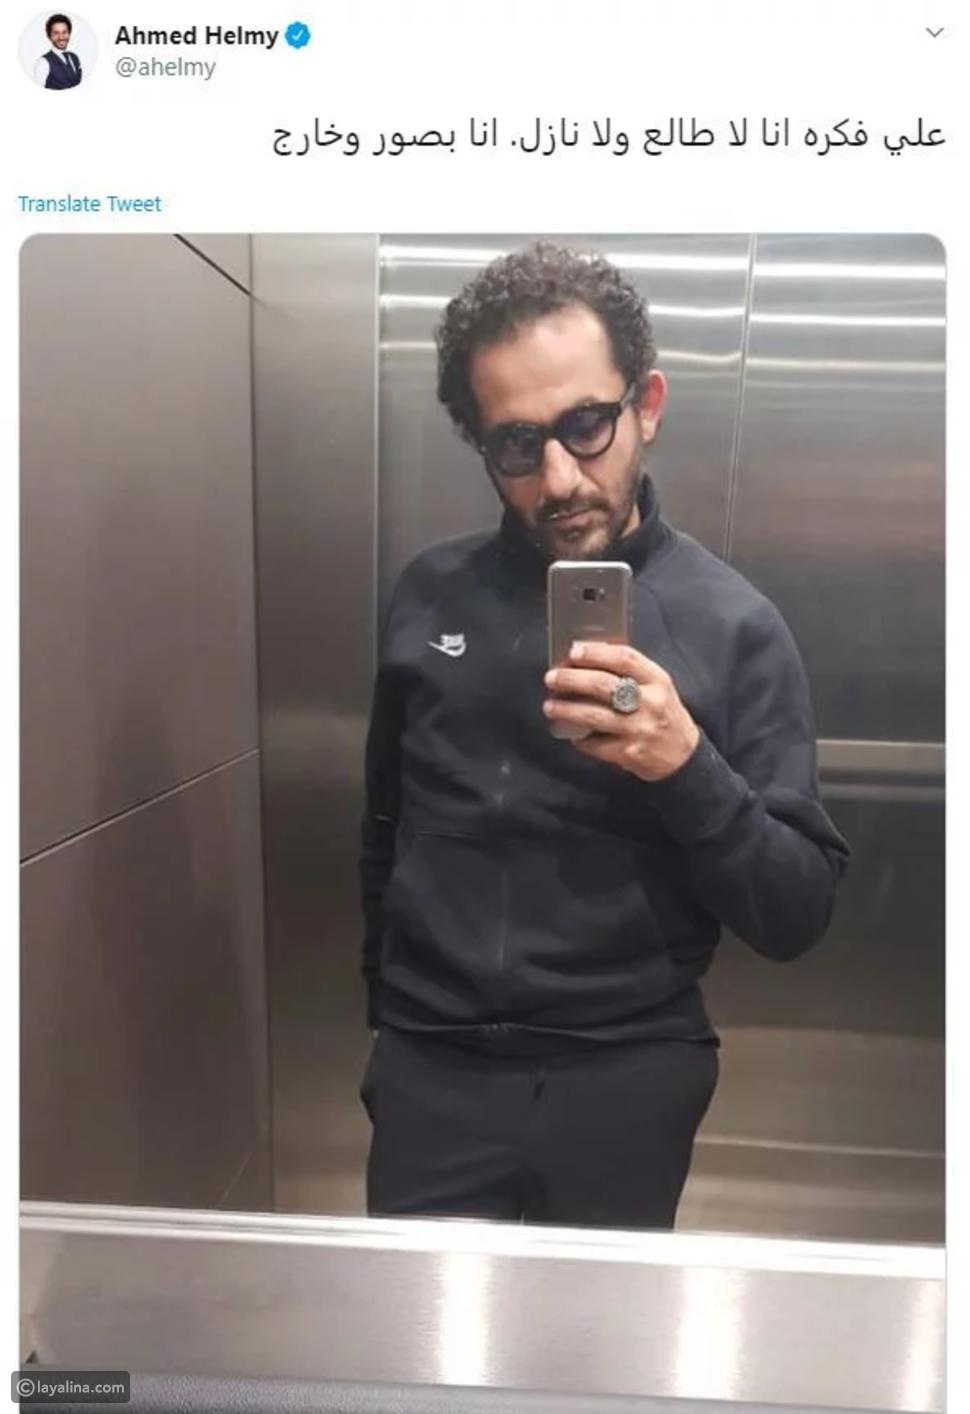 أحمد حلمي داخل أسانسير لسبب غريب وتعليقات ساخرة من هنيدي والسقا!